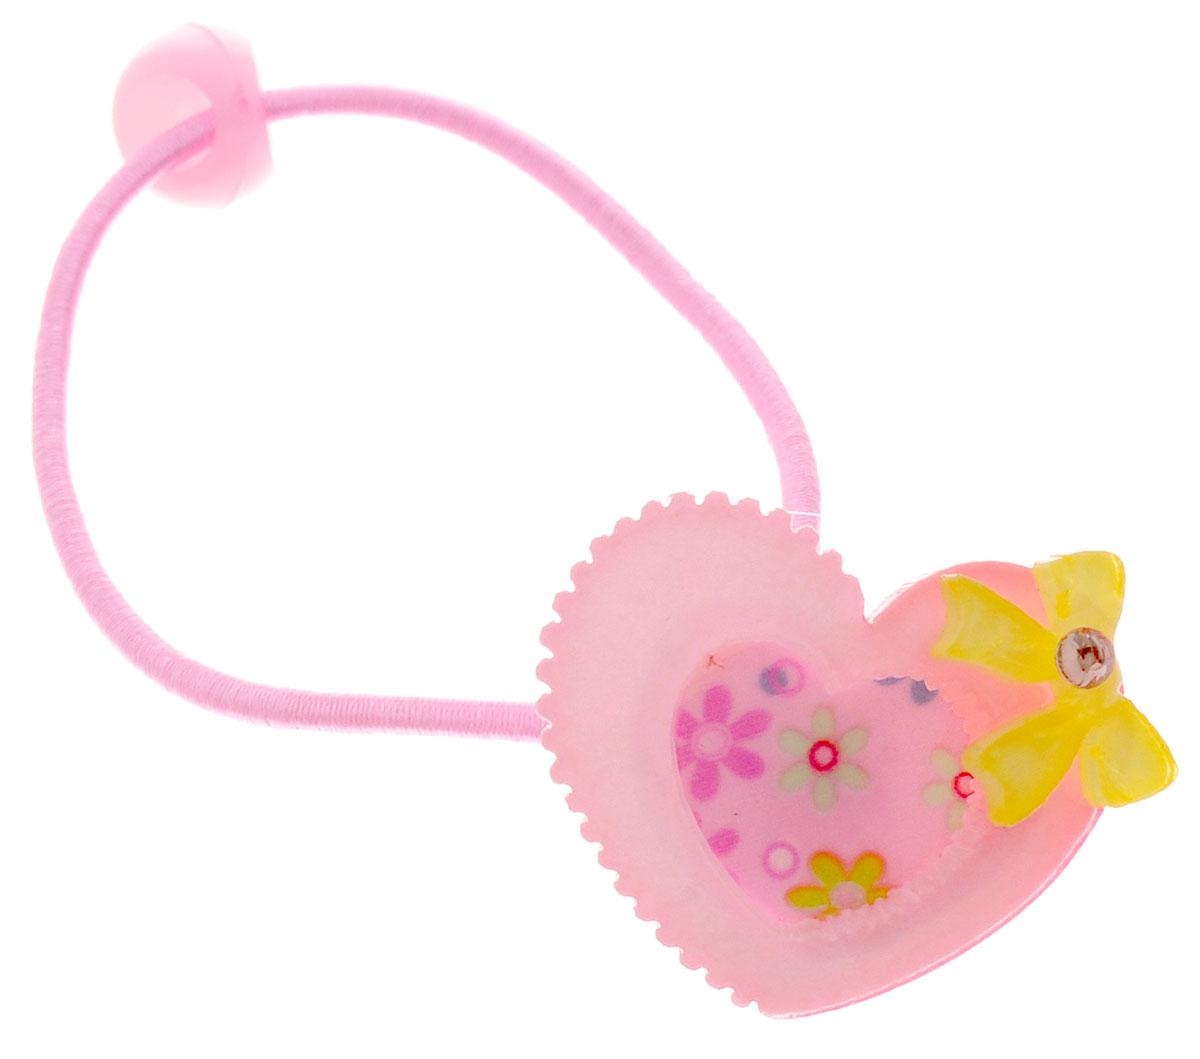 Fashion House Резинка для волос Сердечко 2 штFH27910_розово-желтыйРезинка для волос Fashion House Сердечко позволит украсить прическу вашей малышки и доставит ей много удовольствия. Резинка украшена декоративным элементом в виде розовых сердечек и желтых бантиков.Комплект включает две резинки.